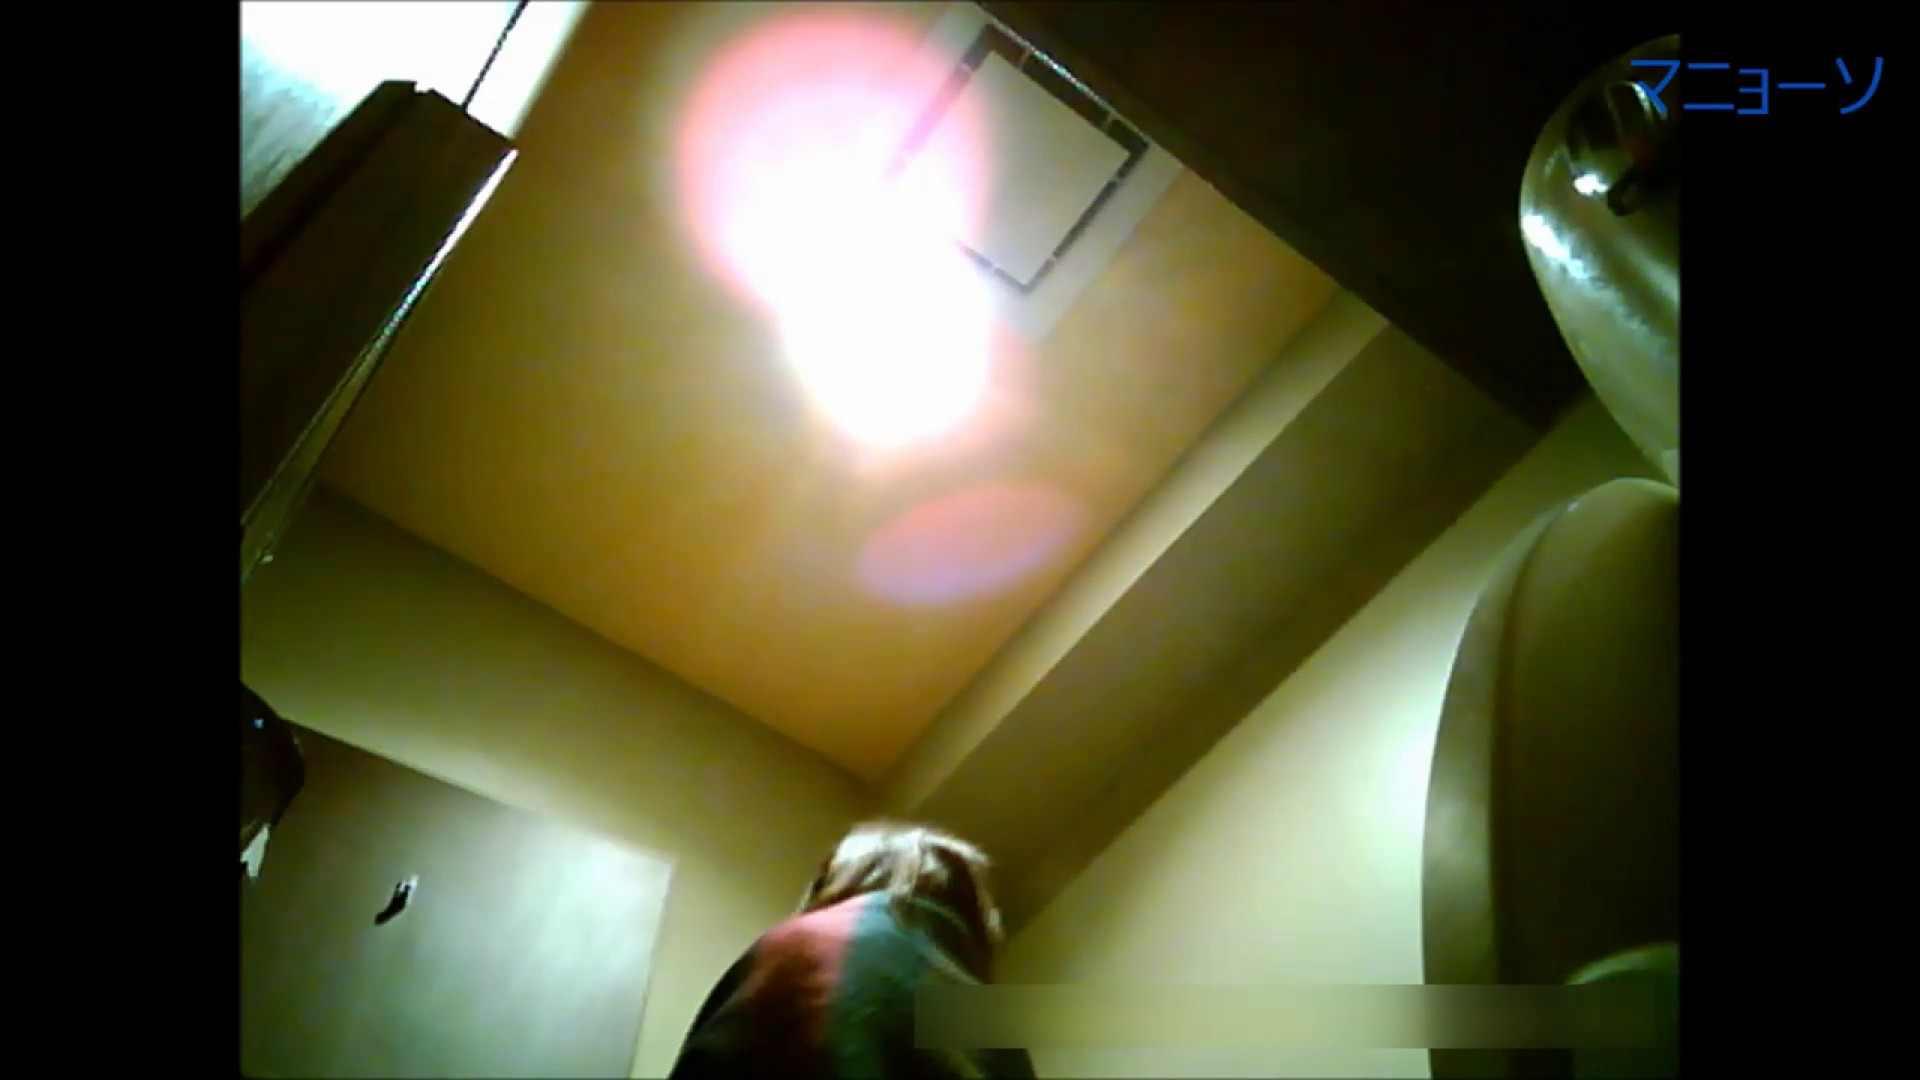 トイレでひと肌脱いでもらいました (JD編)Vol.02 丸見え AV無料動画キャプチャ 83画像 65